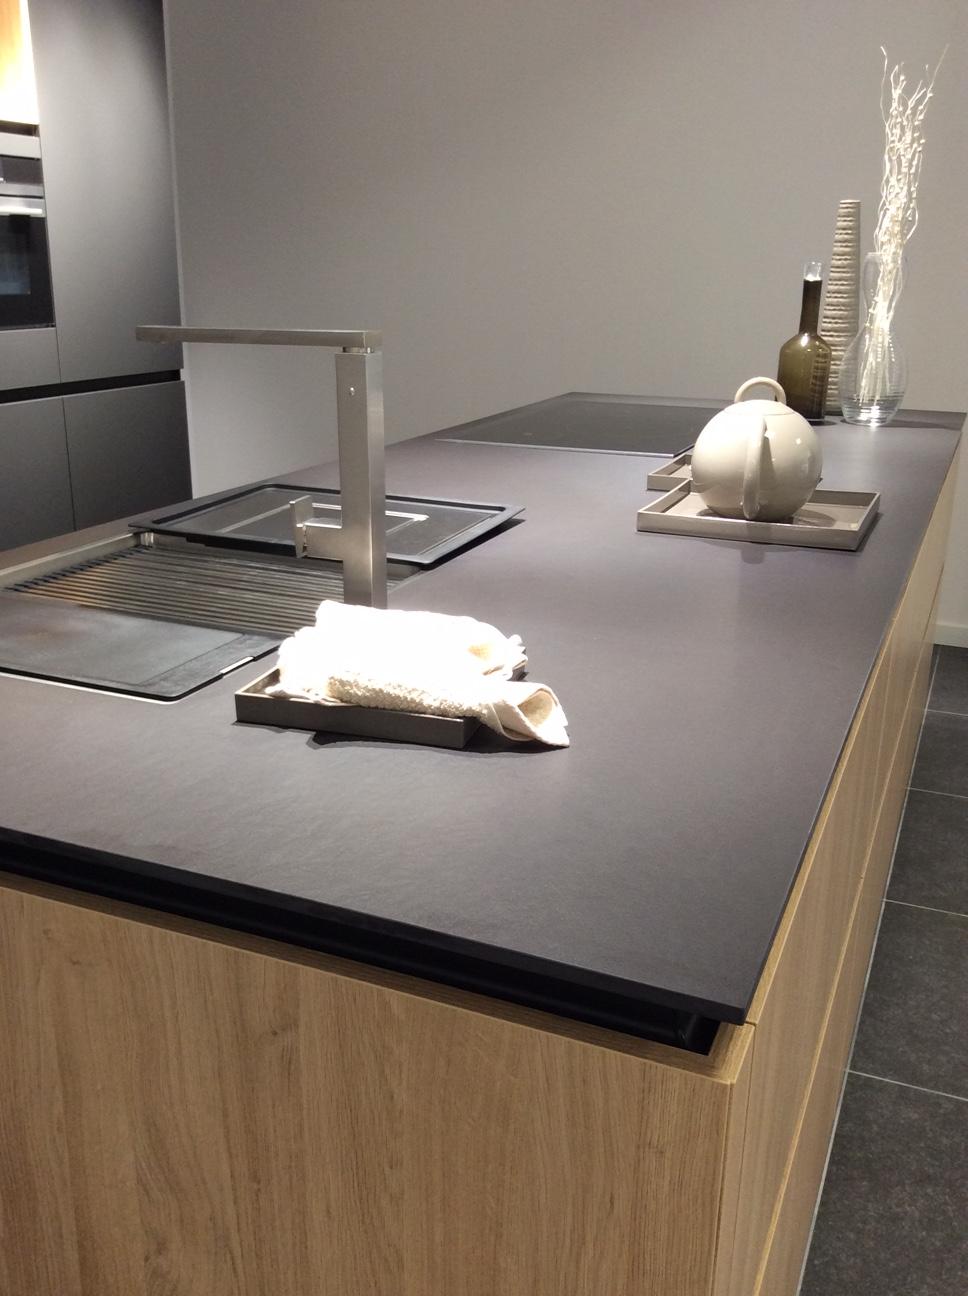 Innenarchitektur wohnzimmer grundrisse dekton sirius  ixina st truiden by granigo  küche  pinterest